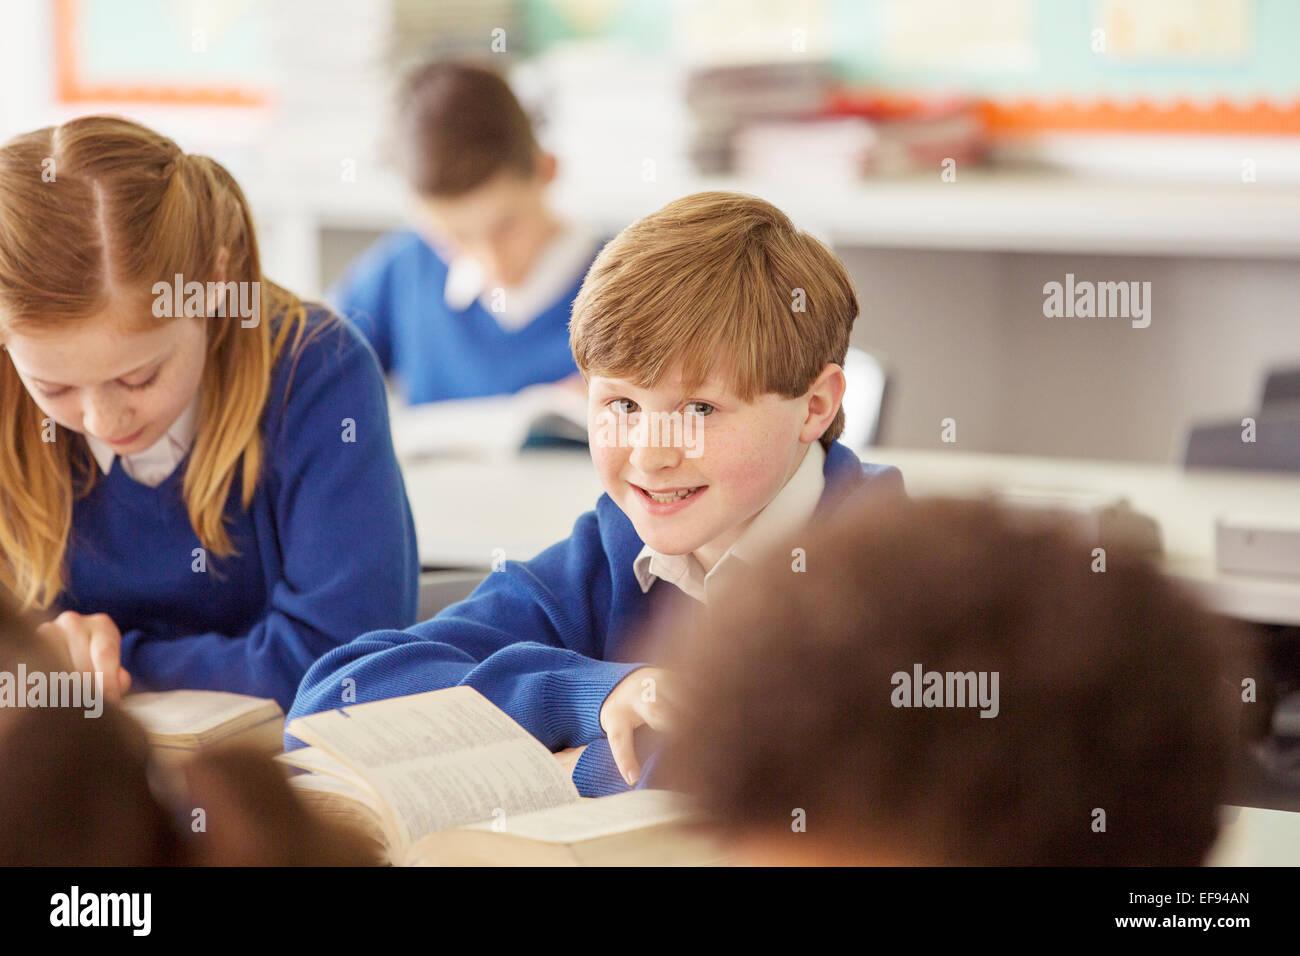 Les enfants de l'école élémentaire pendant la leçon en classe Photo Stock